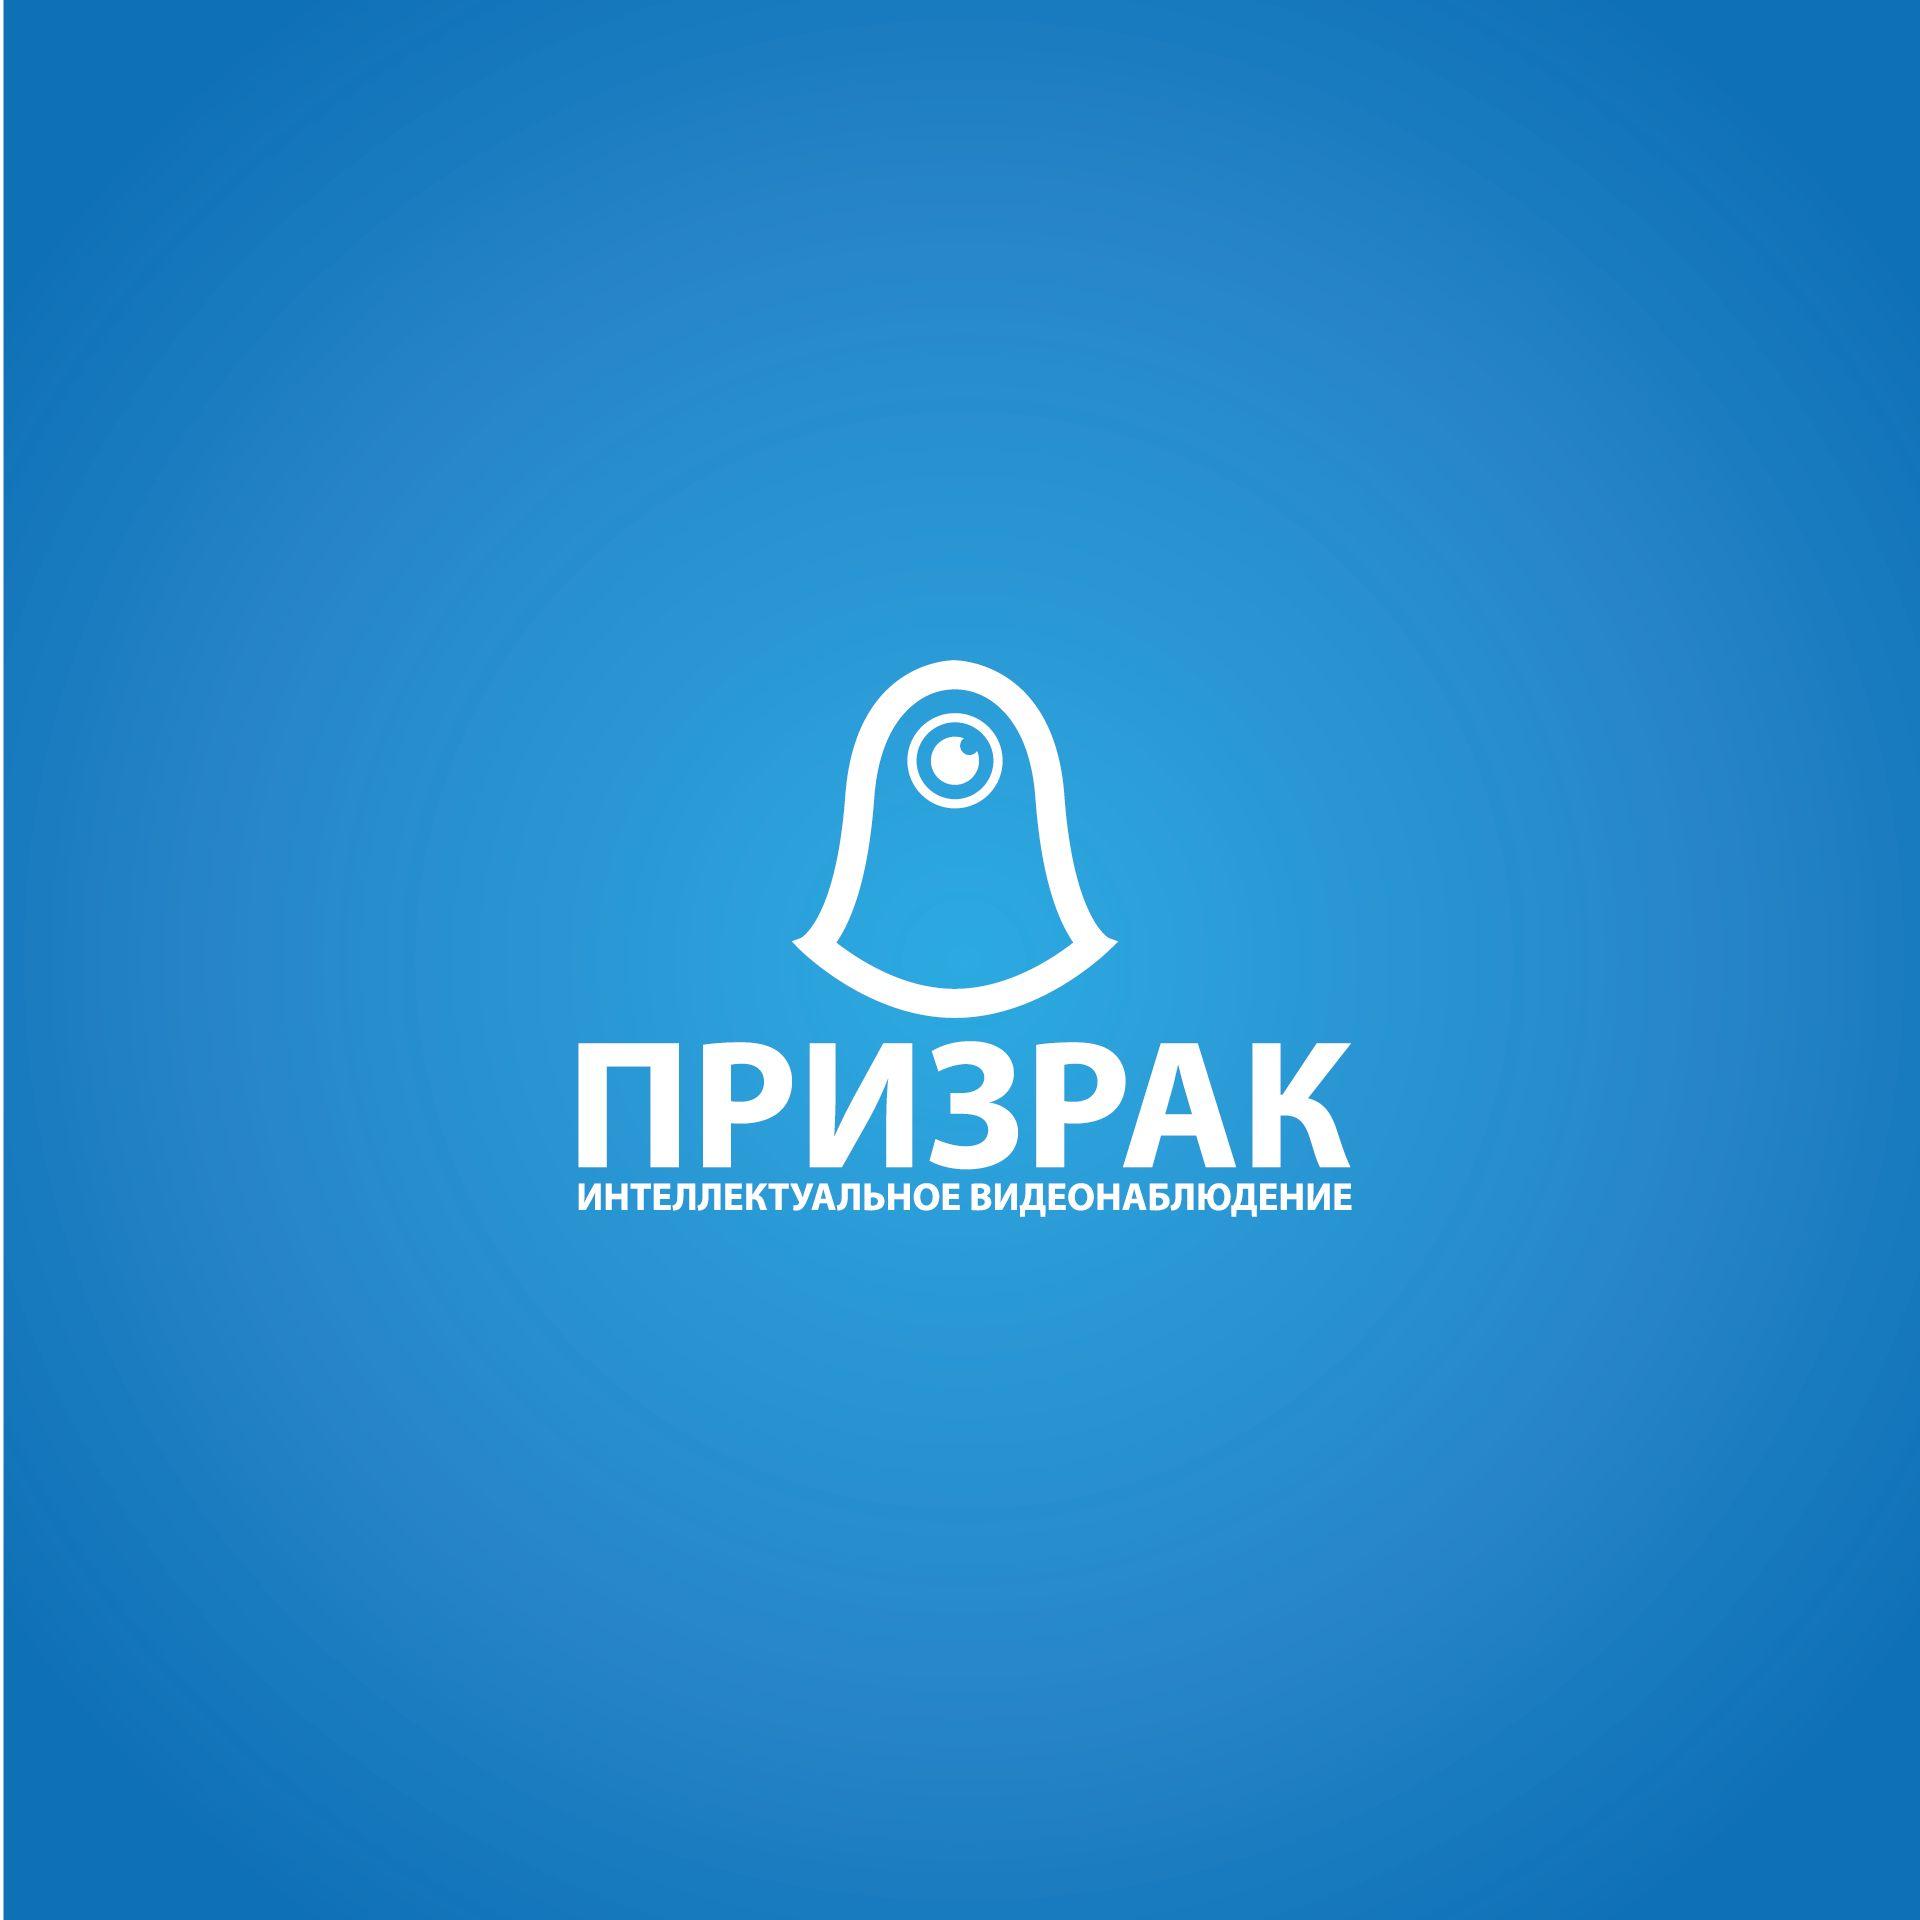 Разработка логотипа - дизайнер alpine-gold